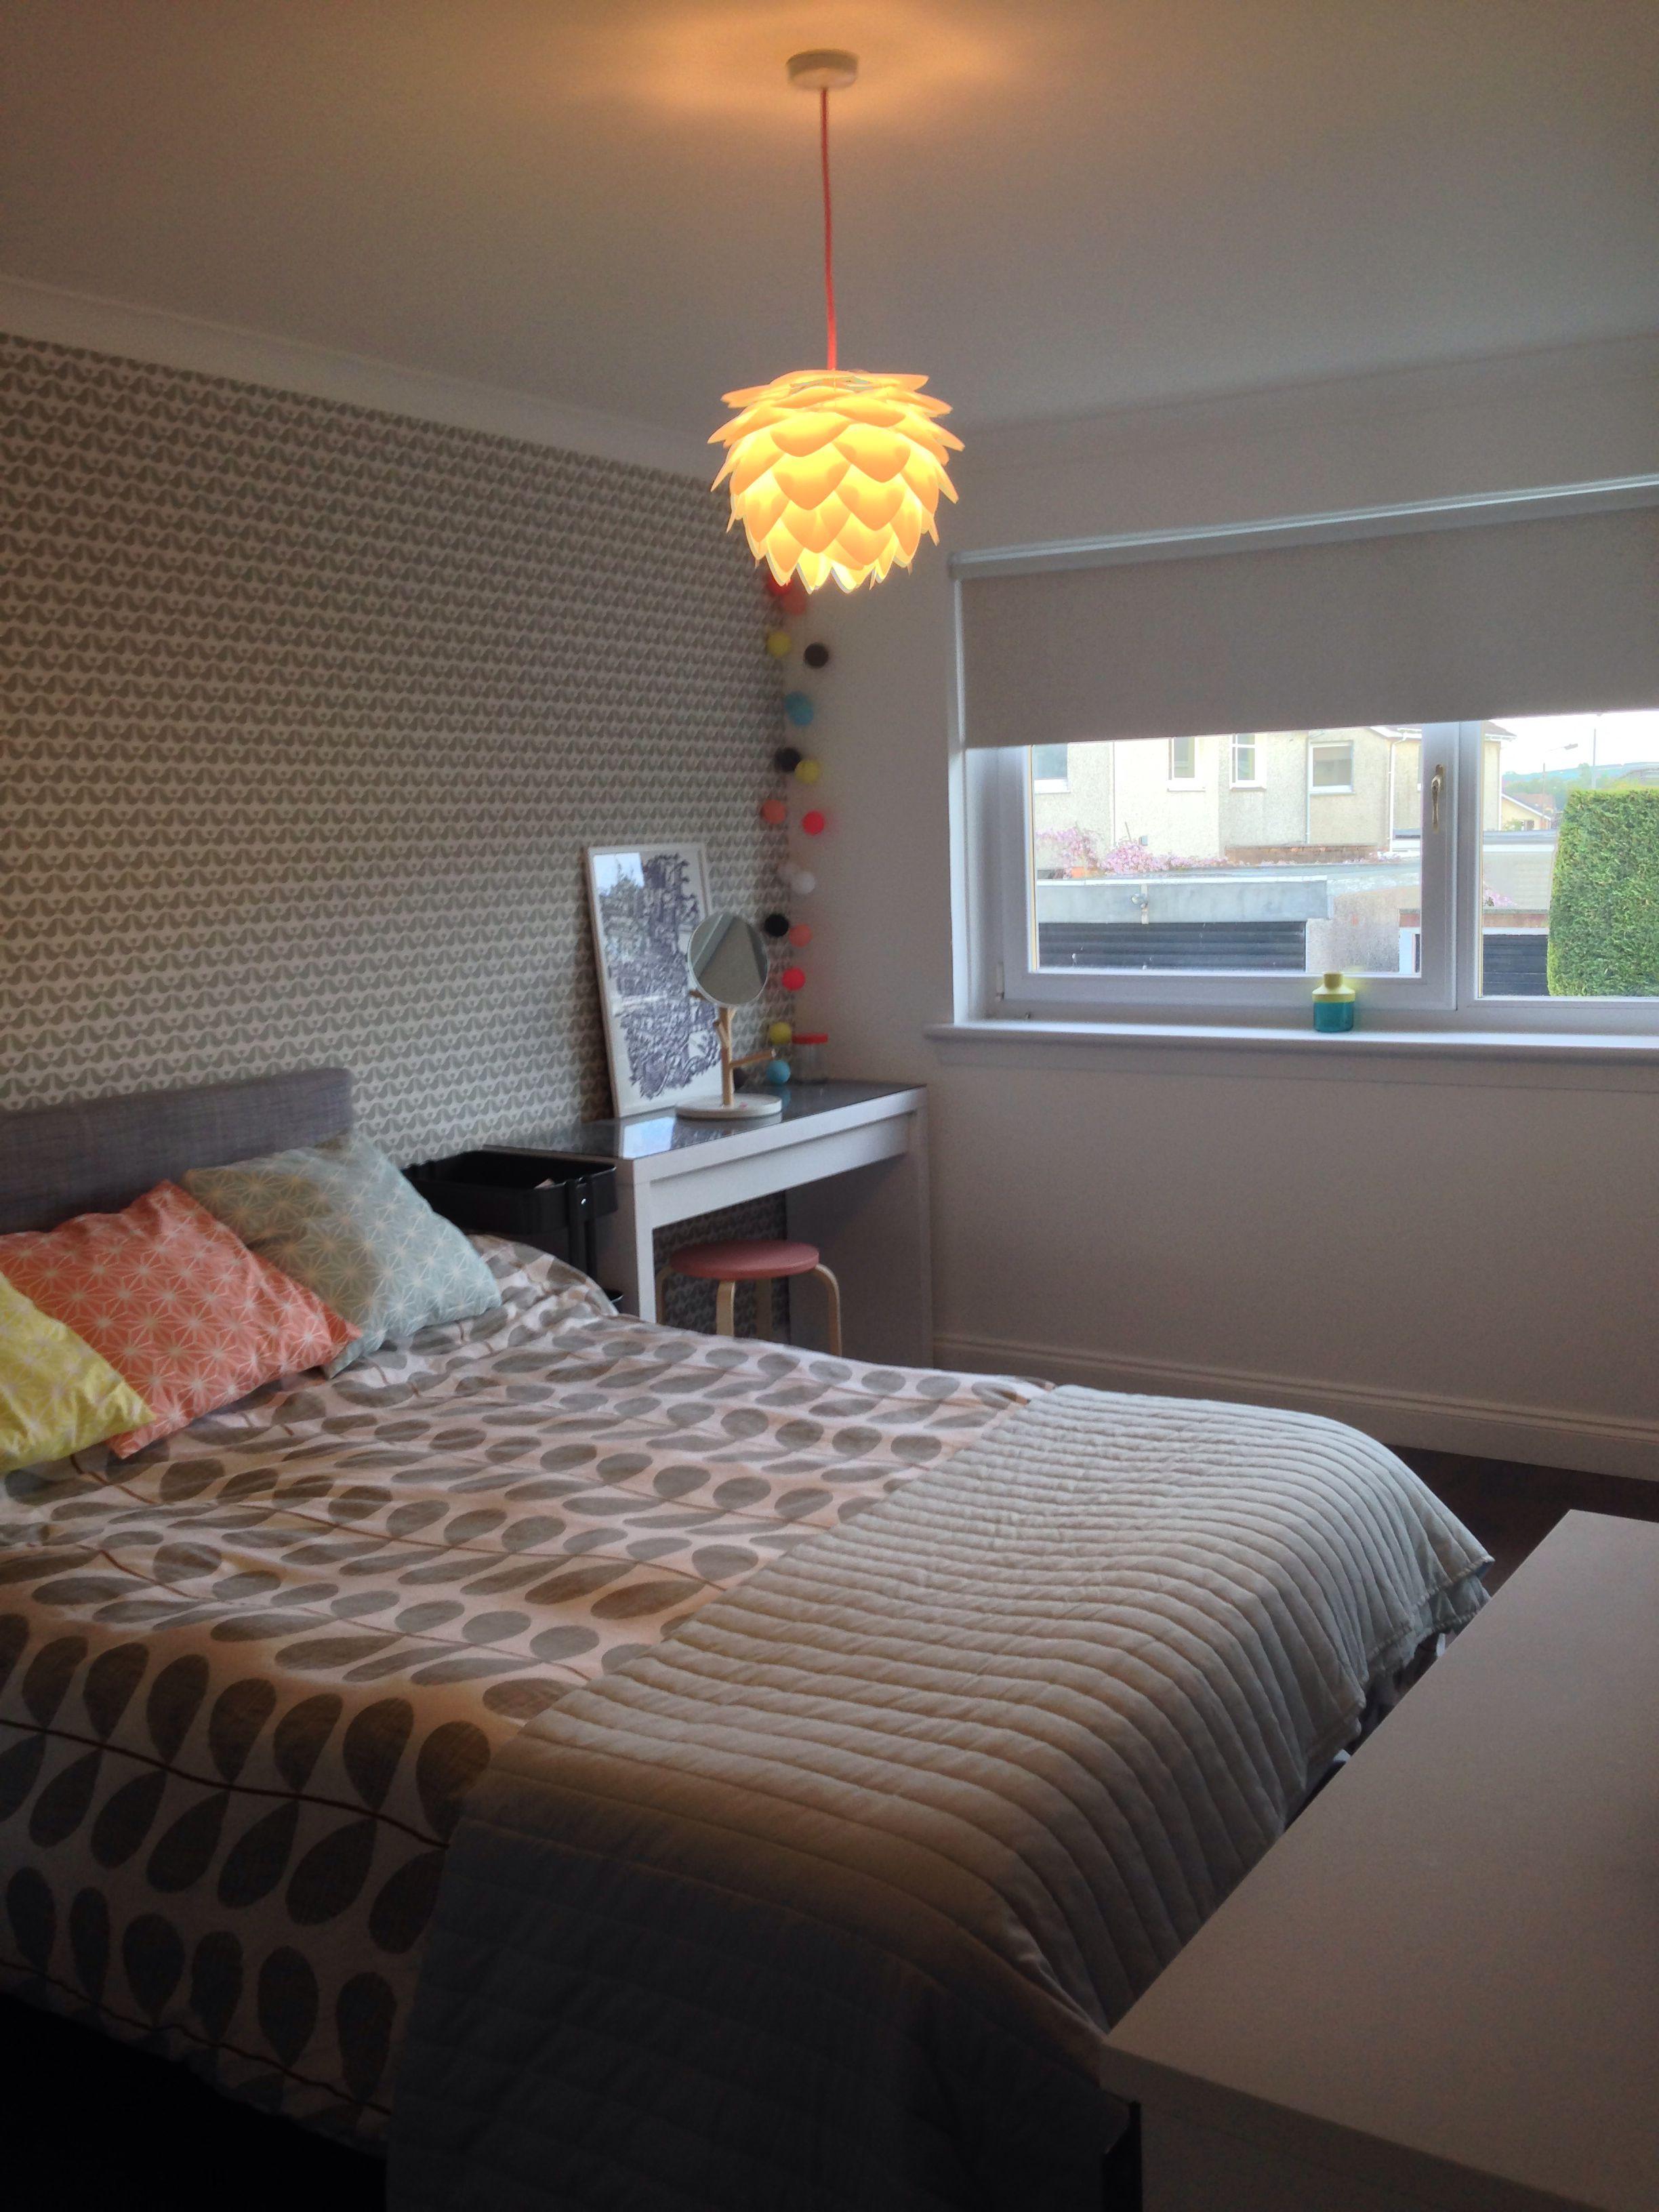 My room, orla kiely bedding, vita Sylvia mini lamp, ikea Arviksand